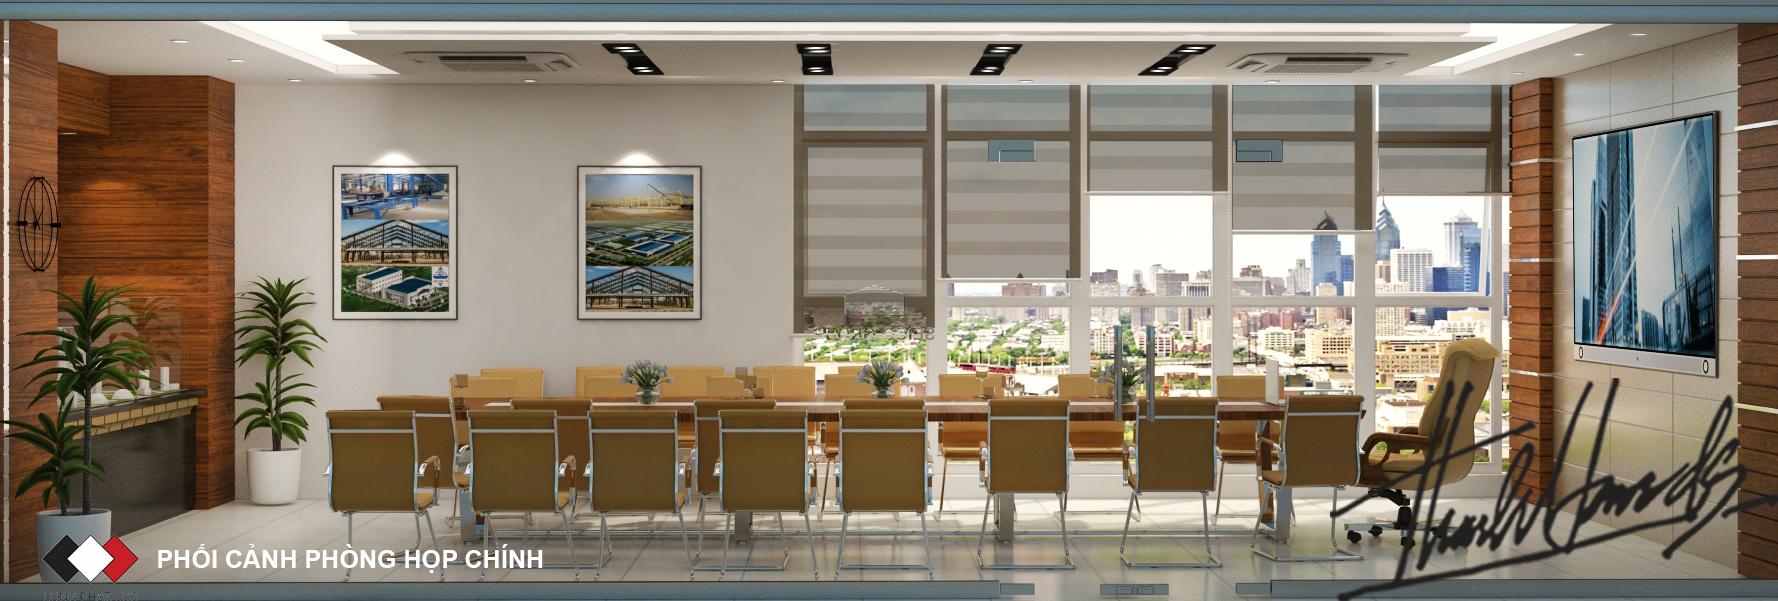 thiết kế nội thất Văn Phòng tại Hà Nội Văn phong SEIKO 6 1568274665